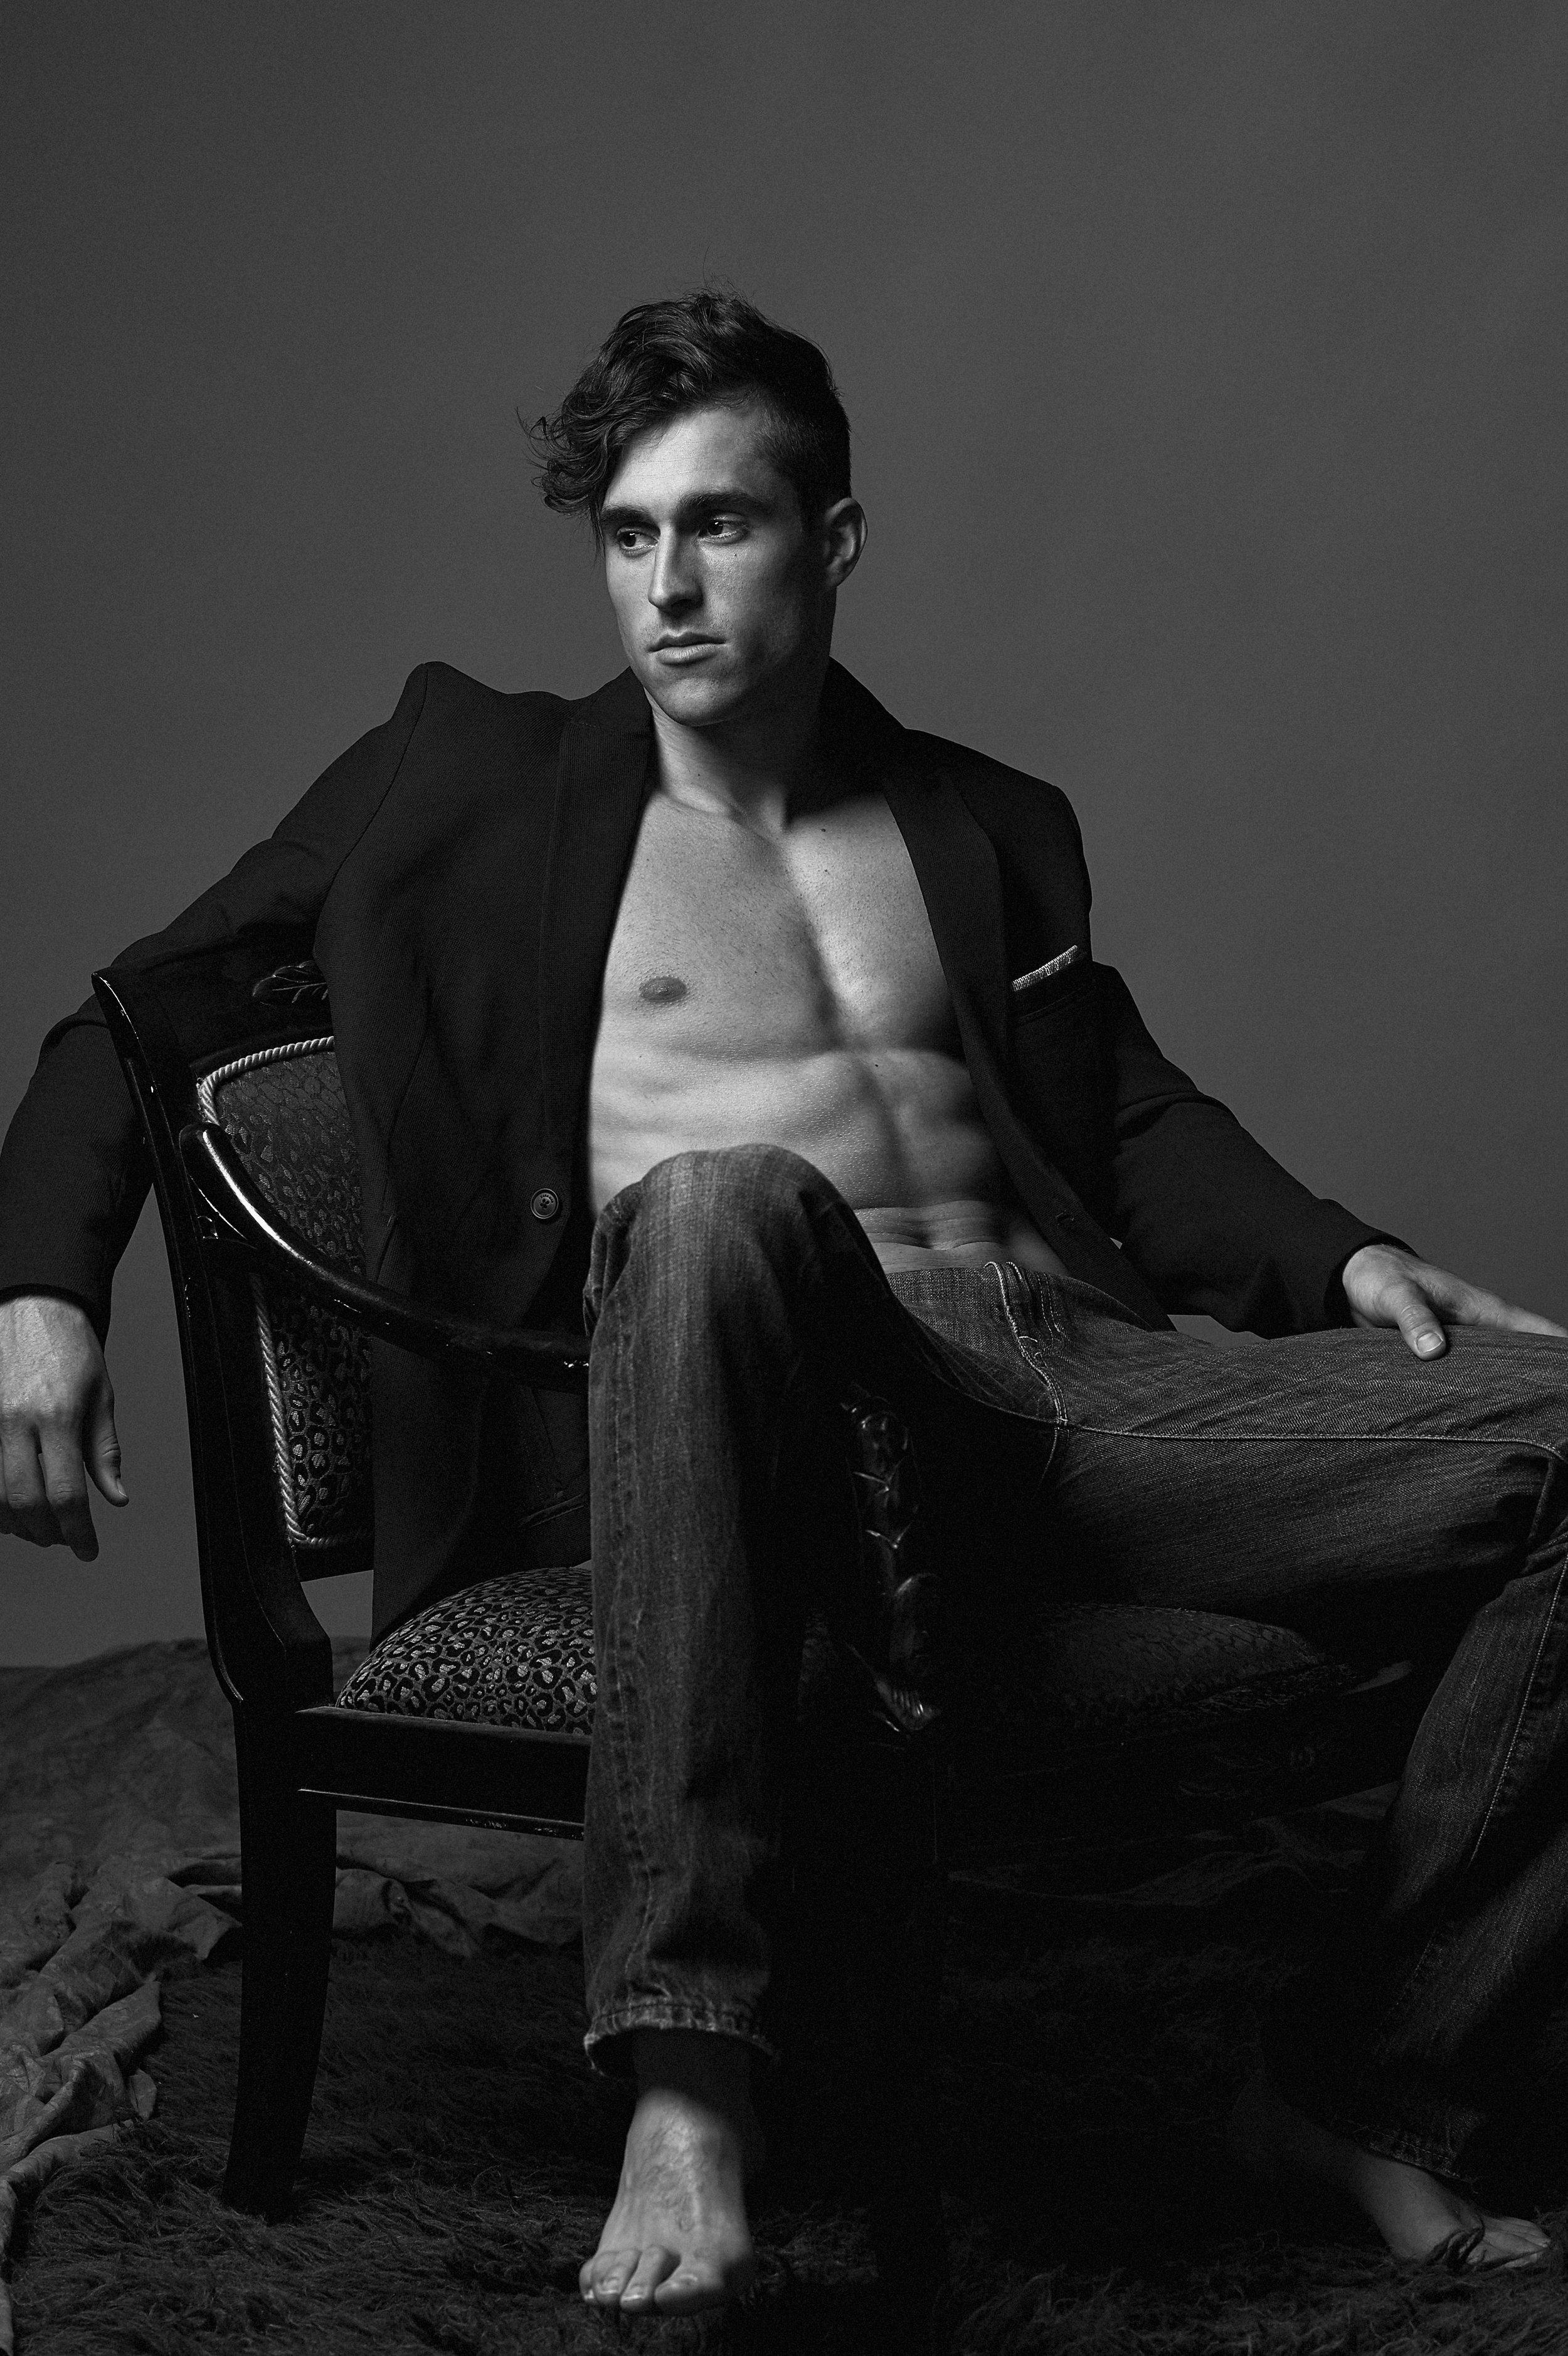 Marta-Hewson-Kevin-Woods-Male-Model-Shoot-1392.jpg